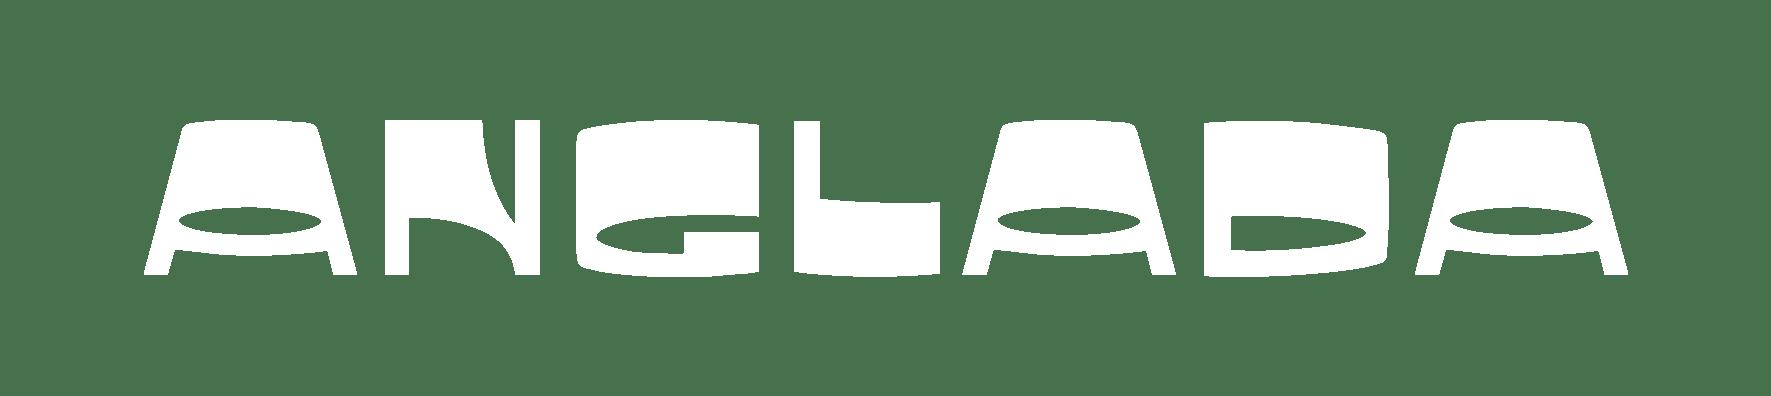 angladallibreria.com